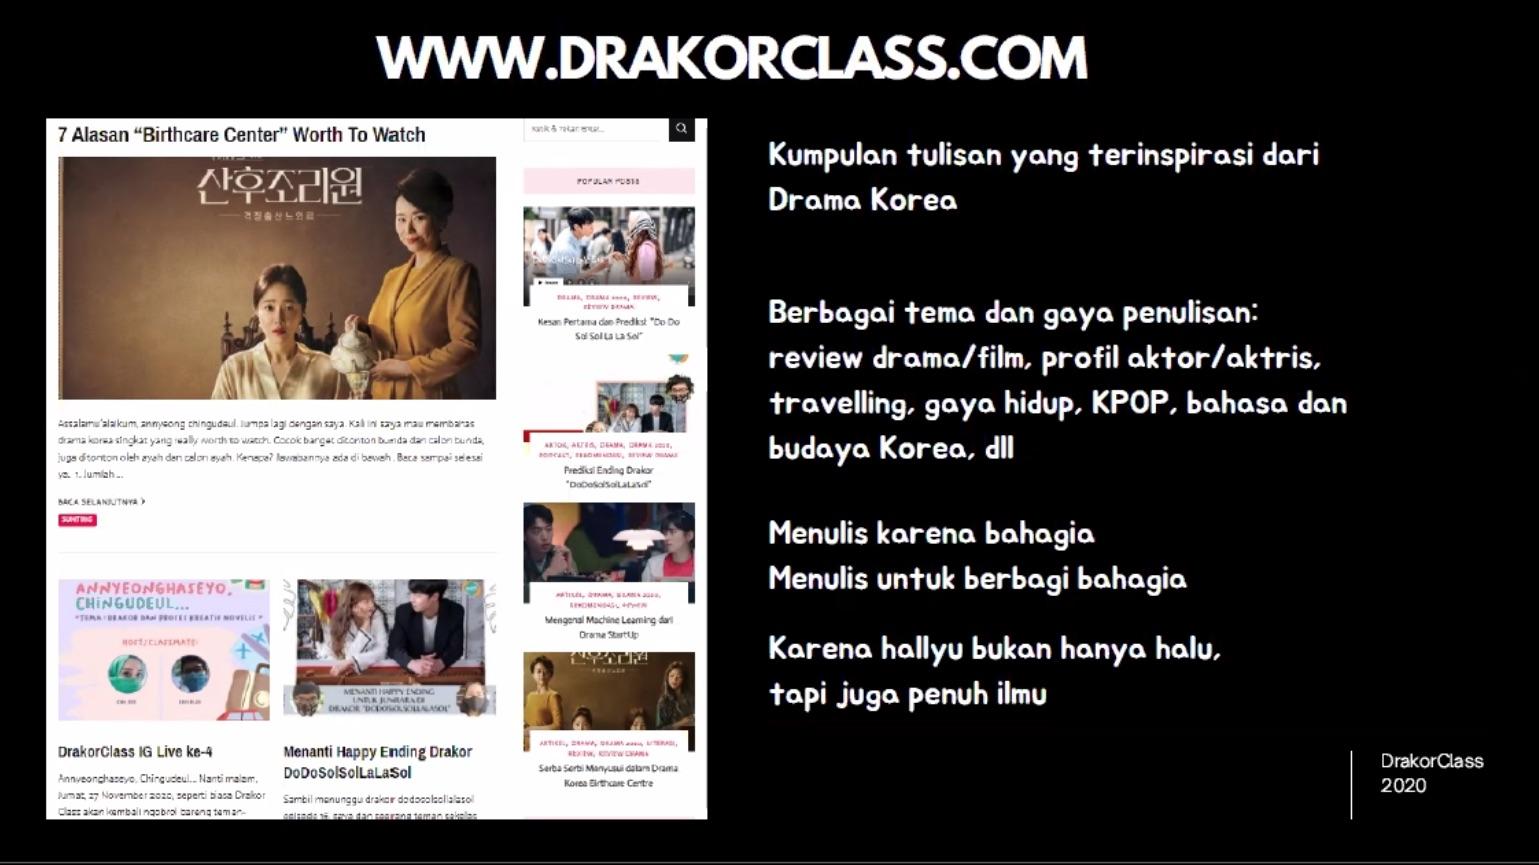 presentasi drakorclass